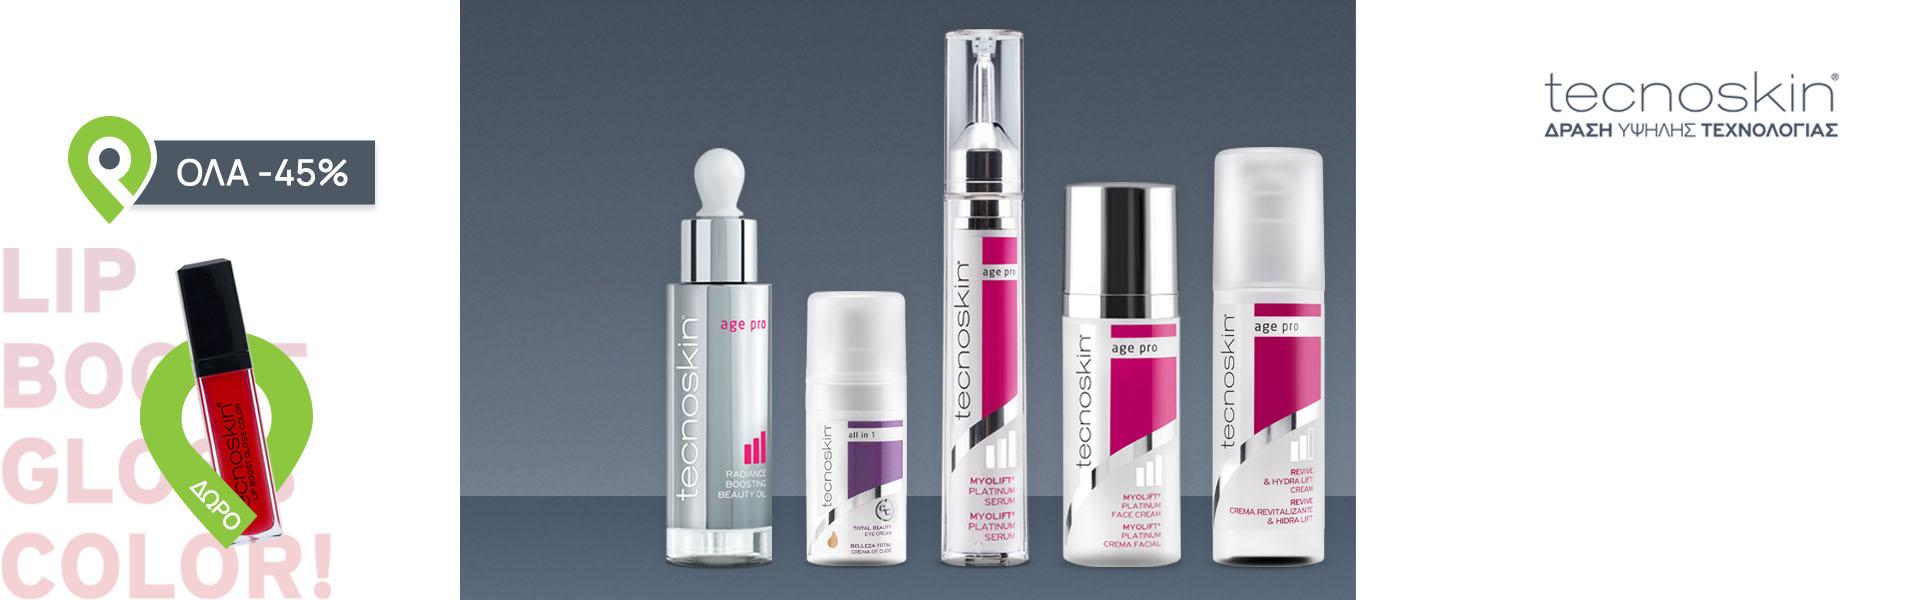 Με κάθε προϊόν Technoskin, οποιαδήποτε κρέμας ή ορού, ΔΩΡΟ ένα gloss